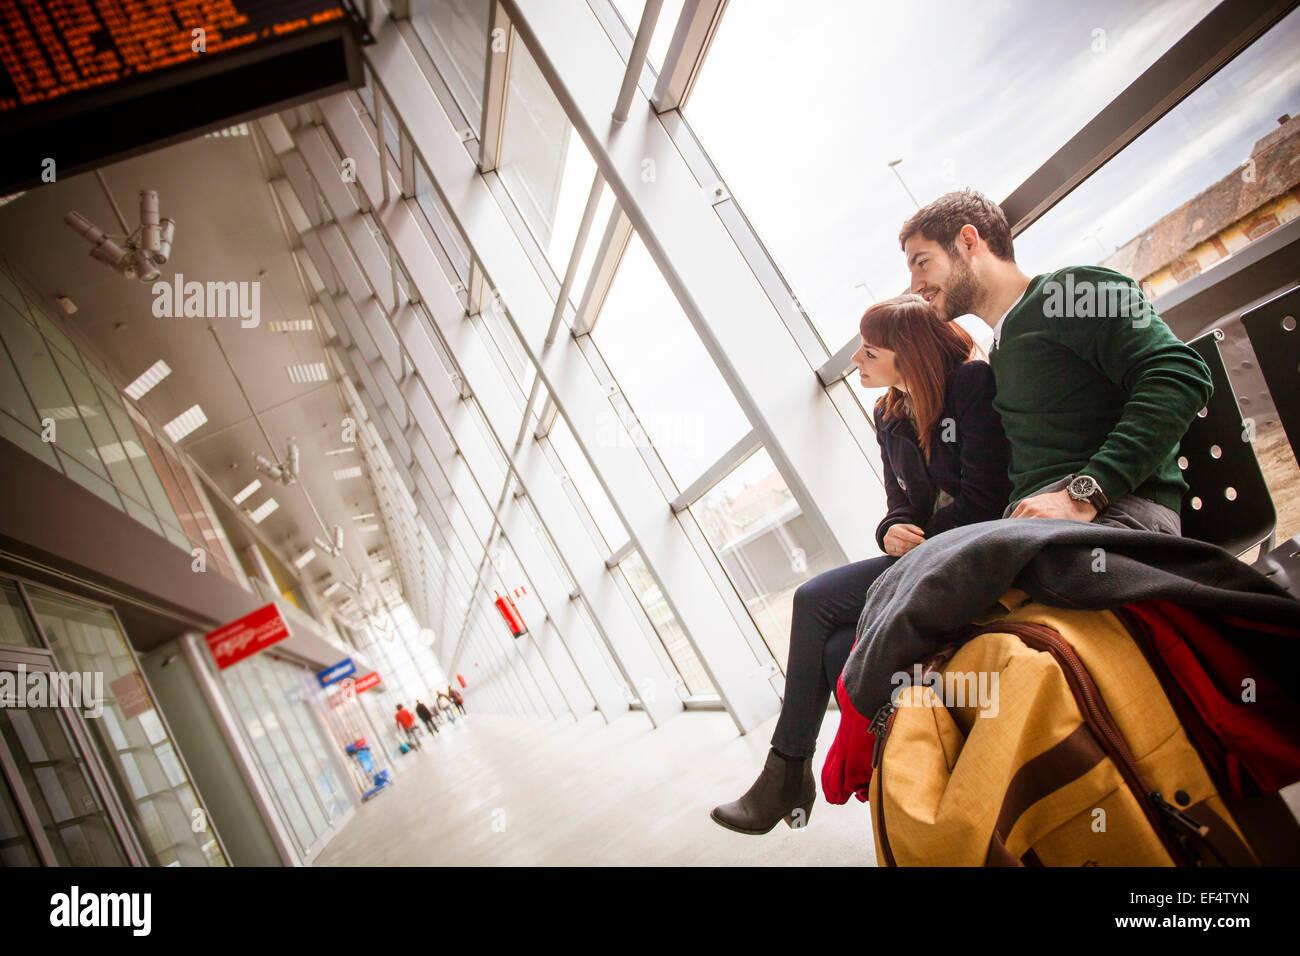 Pareja joven esperando en el aeropuerto edificio Imagen De Stock